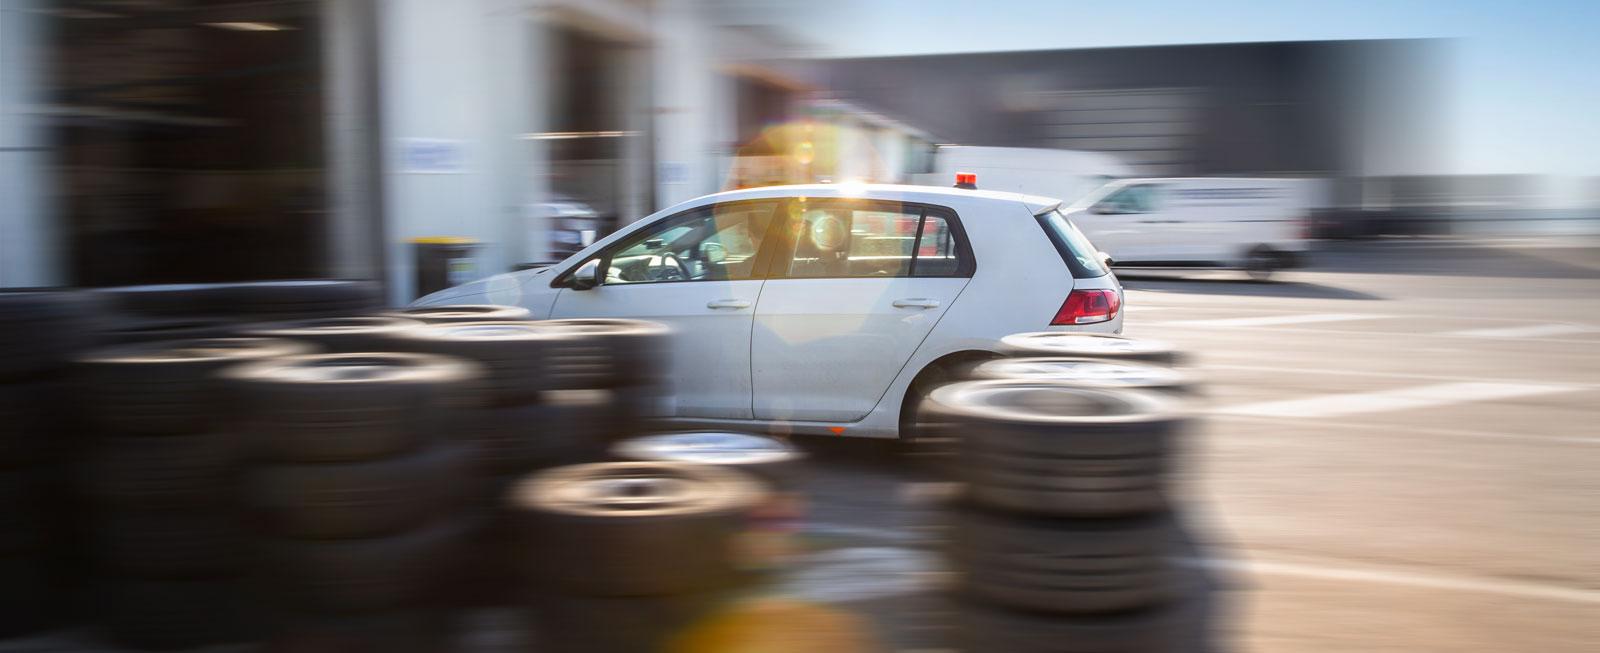 Testet utfördes under fem dagar i södra Frankrike. Totalt gjordes minst 104 däckbyten à fyra däck.